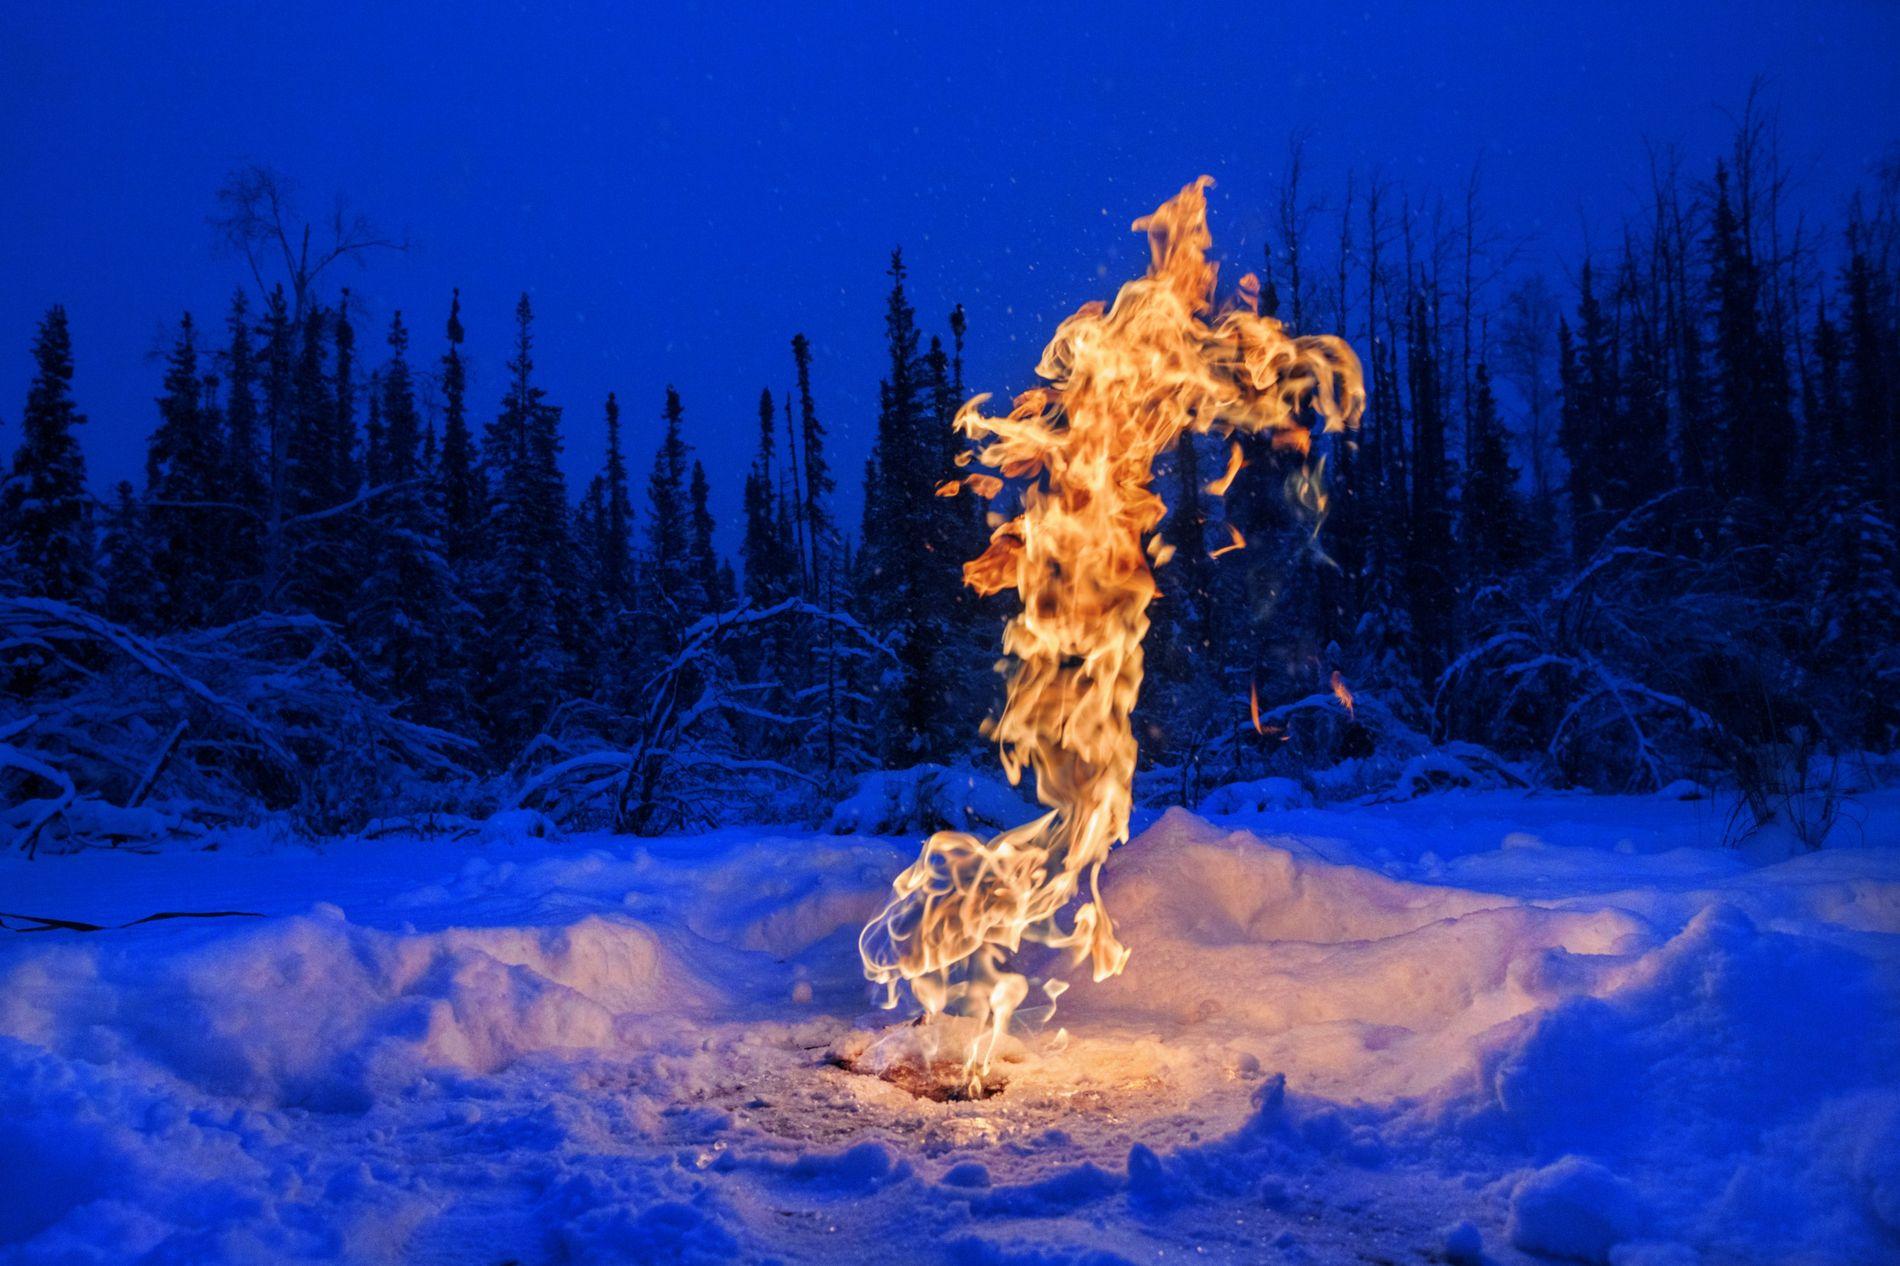 Sous des lacs arctiques, le sol fond et libère du méthane. Mais, en hiver, la glace de surface retient ce puissant gaz à effet de serre. Sur cet étang, près de Fairbanks, en Alaska, des scientifiques ont percé la glace et enflammé le méthane qui en jaillissait.